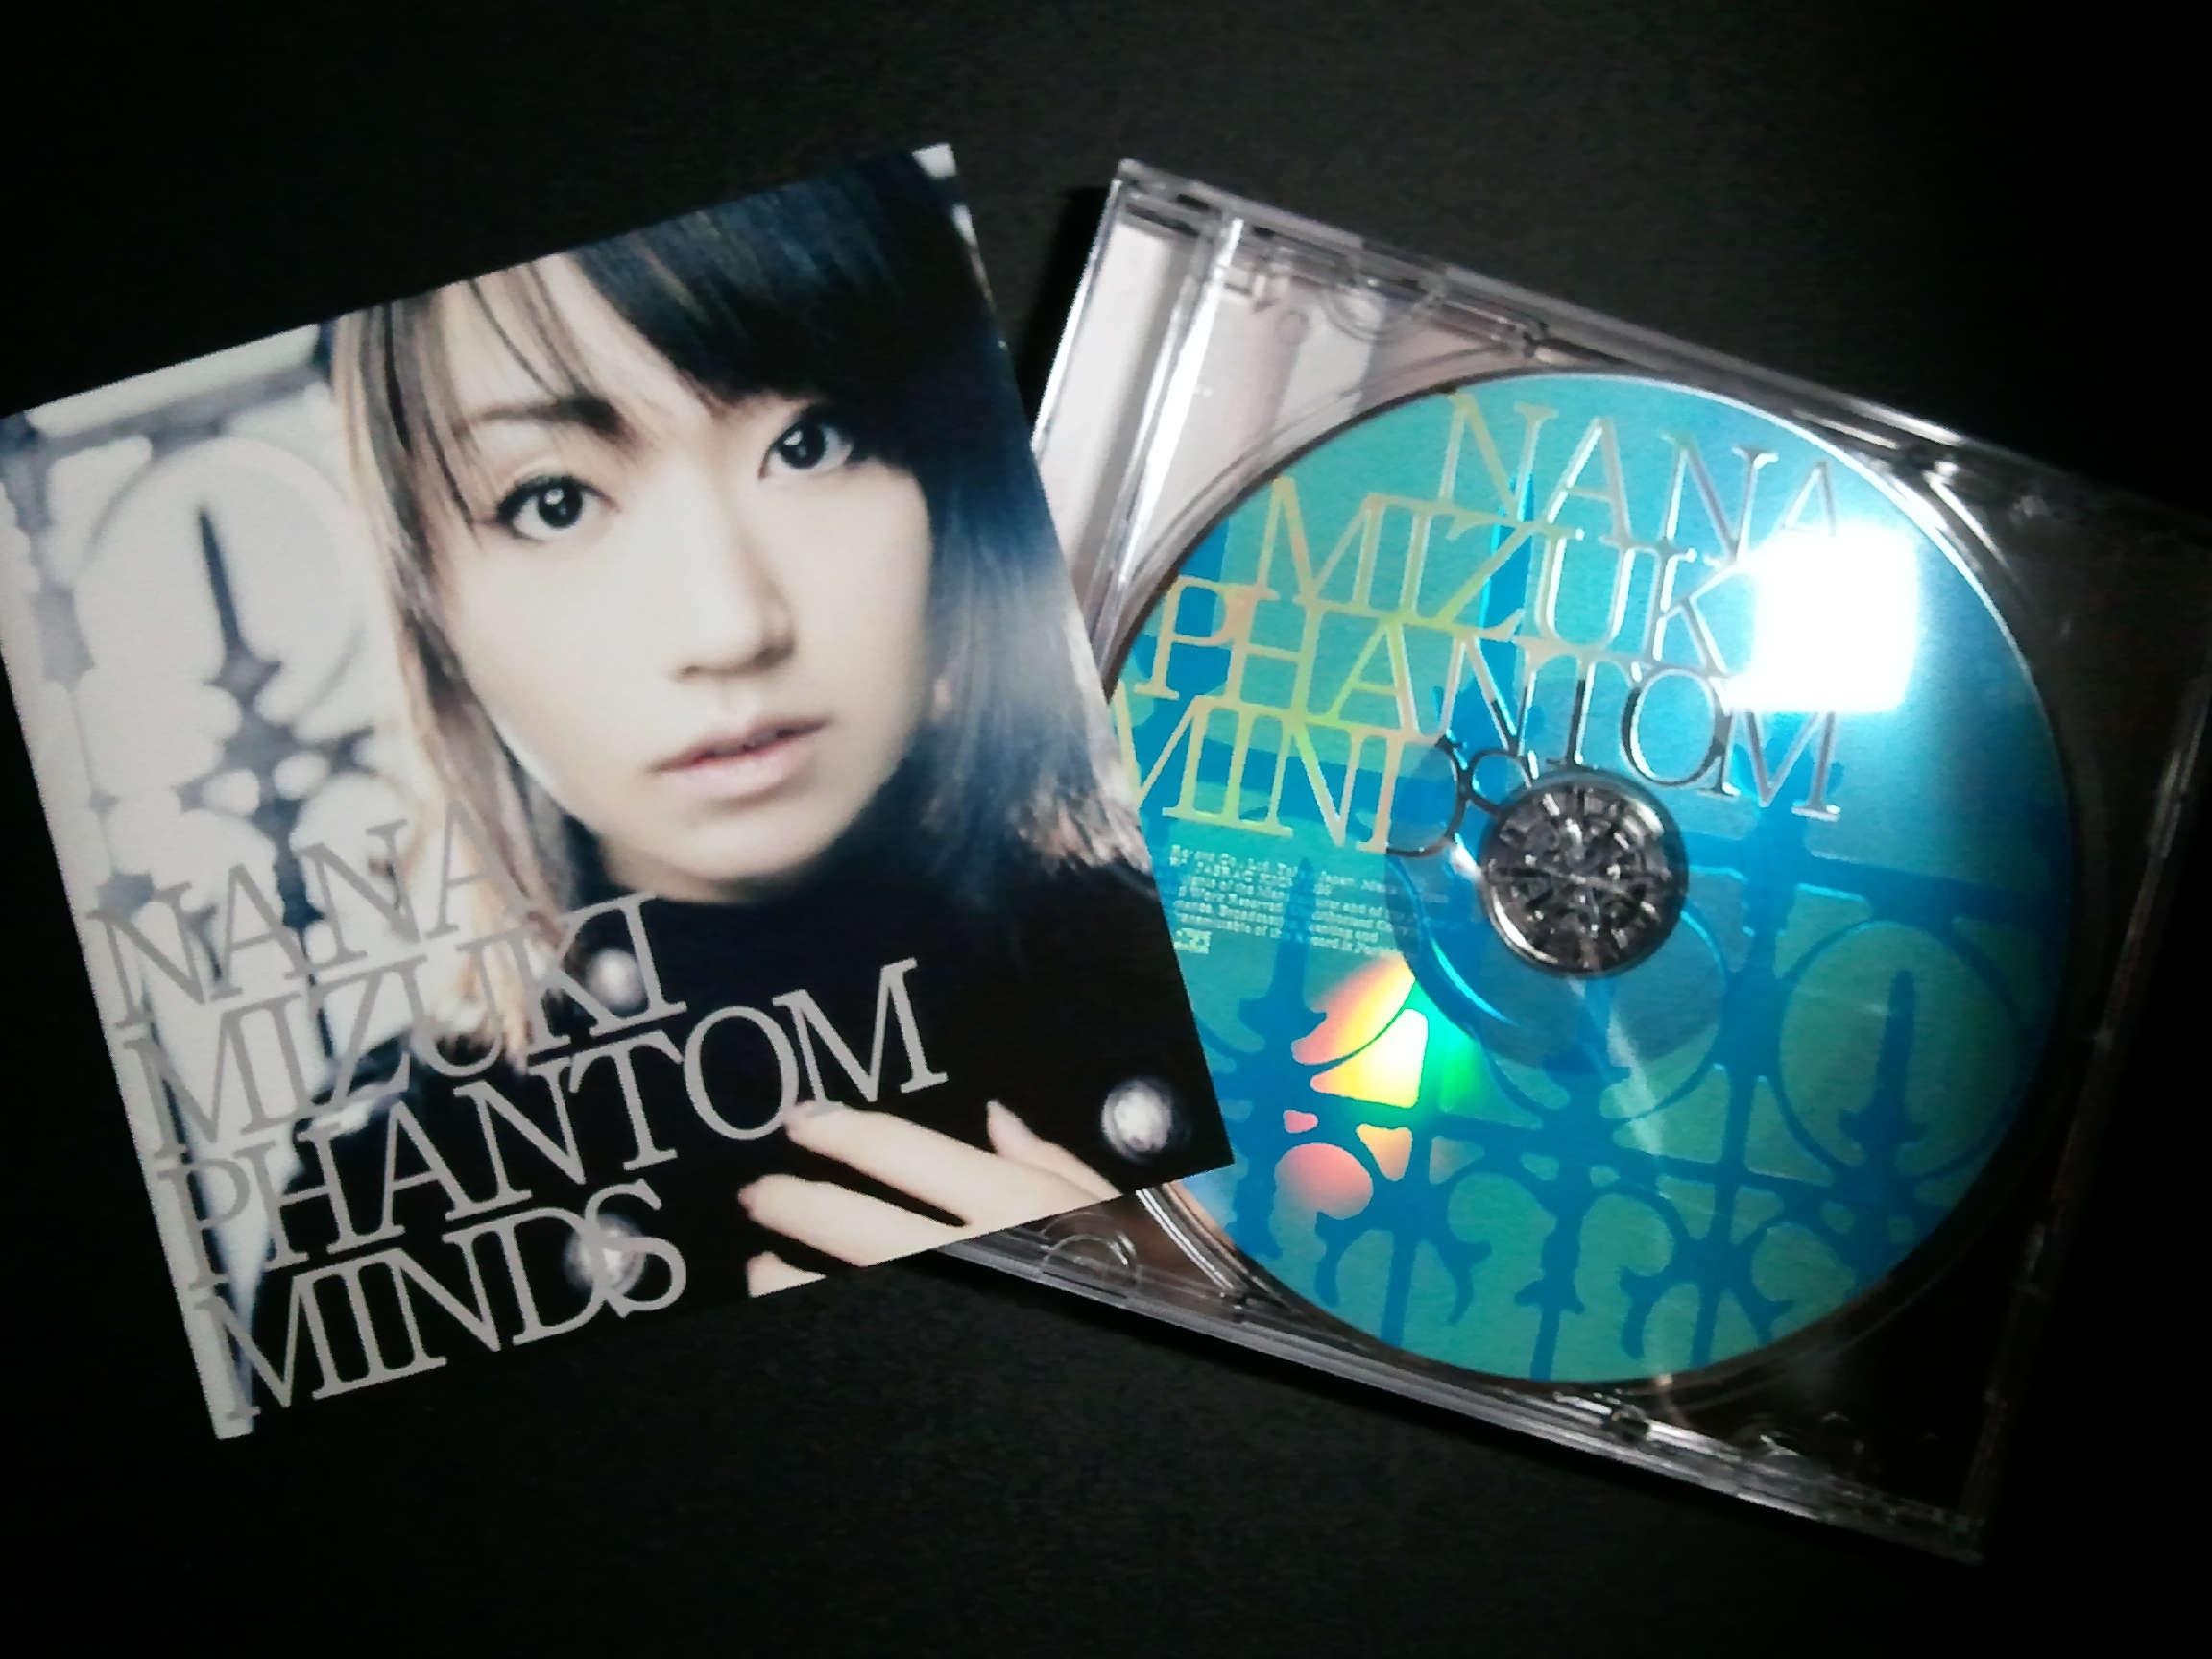 Phantom Minds